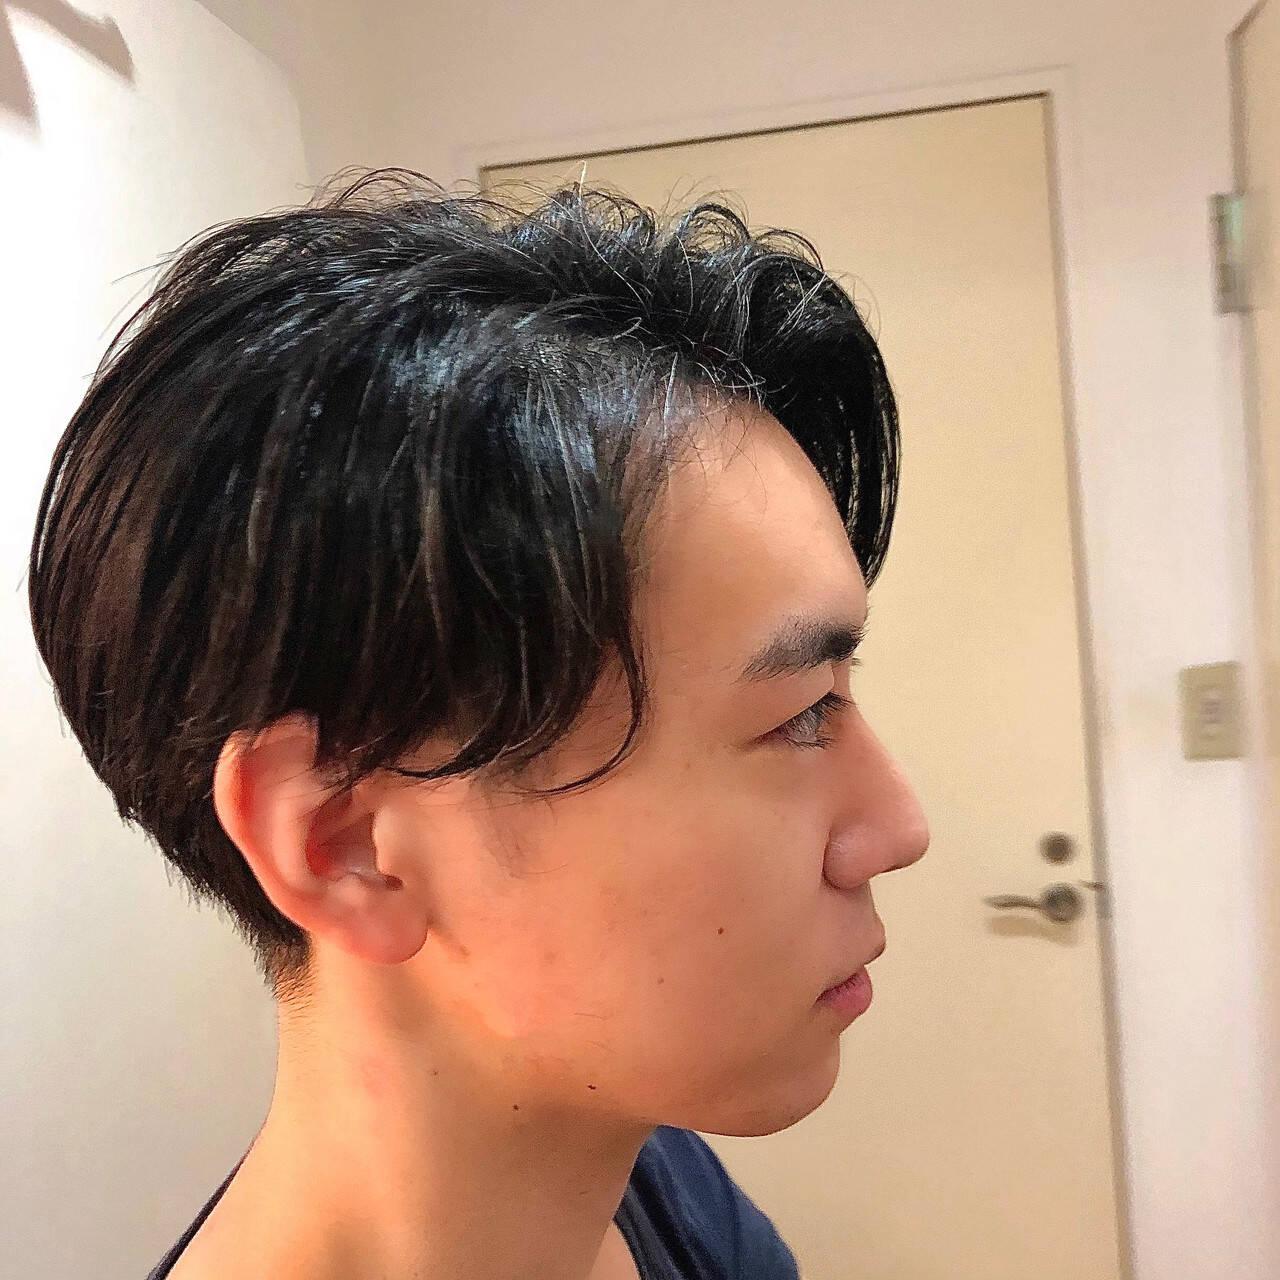 ツーブロック メンズカット かき上げ前髪 センターパートヘアスタイルや髪型の写真・画像